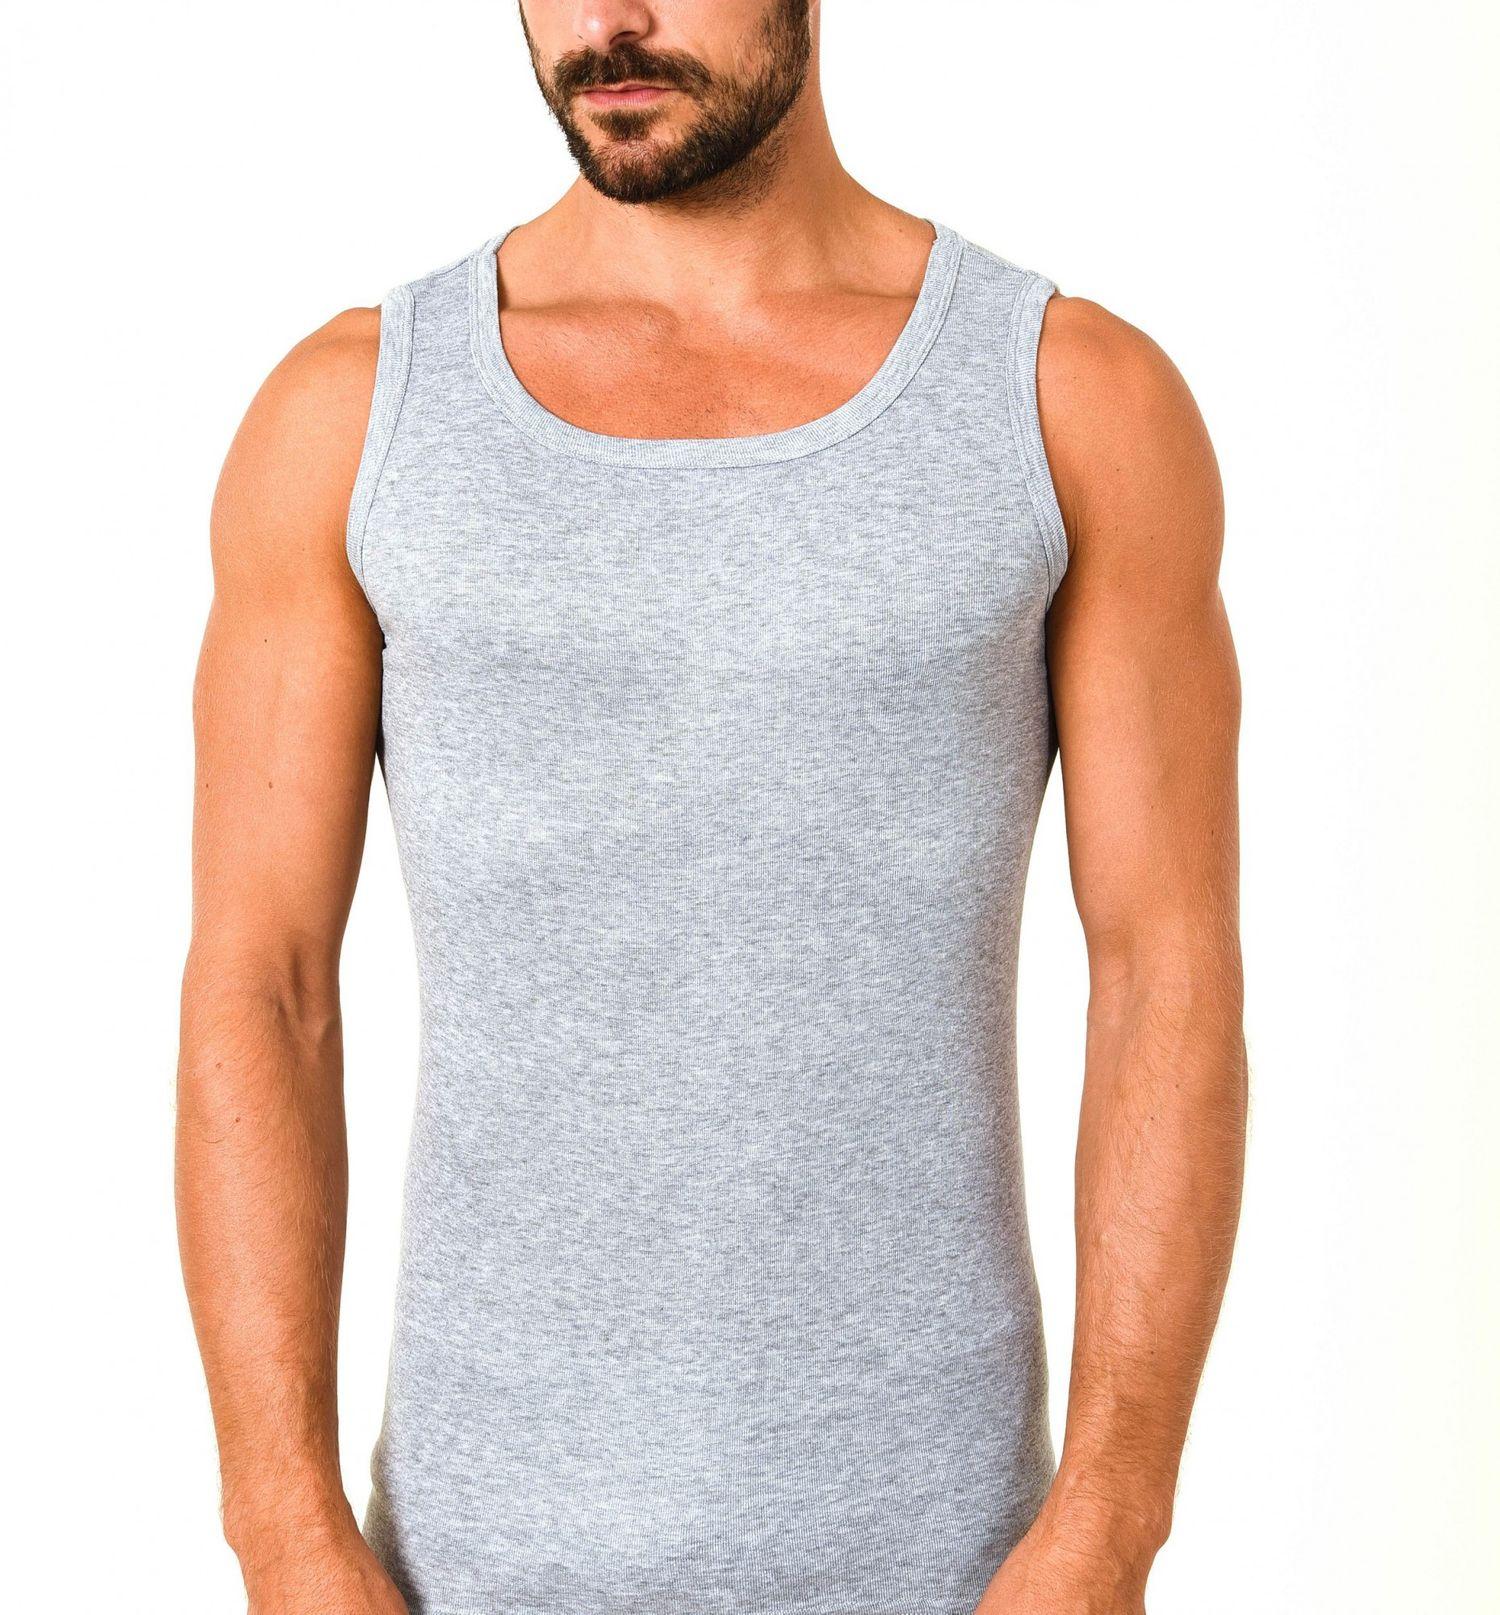 Herren Achselhemd Feinripp Tanktop Unterhemd 2erpack  aus 100 % Baumwolle 54981 – Bild 2